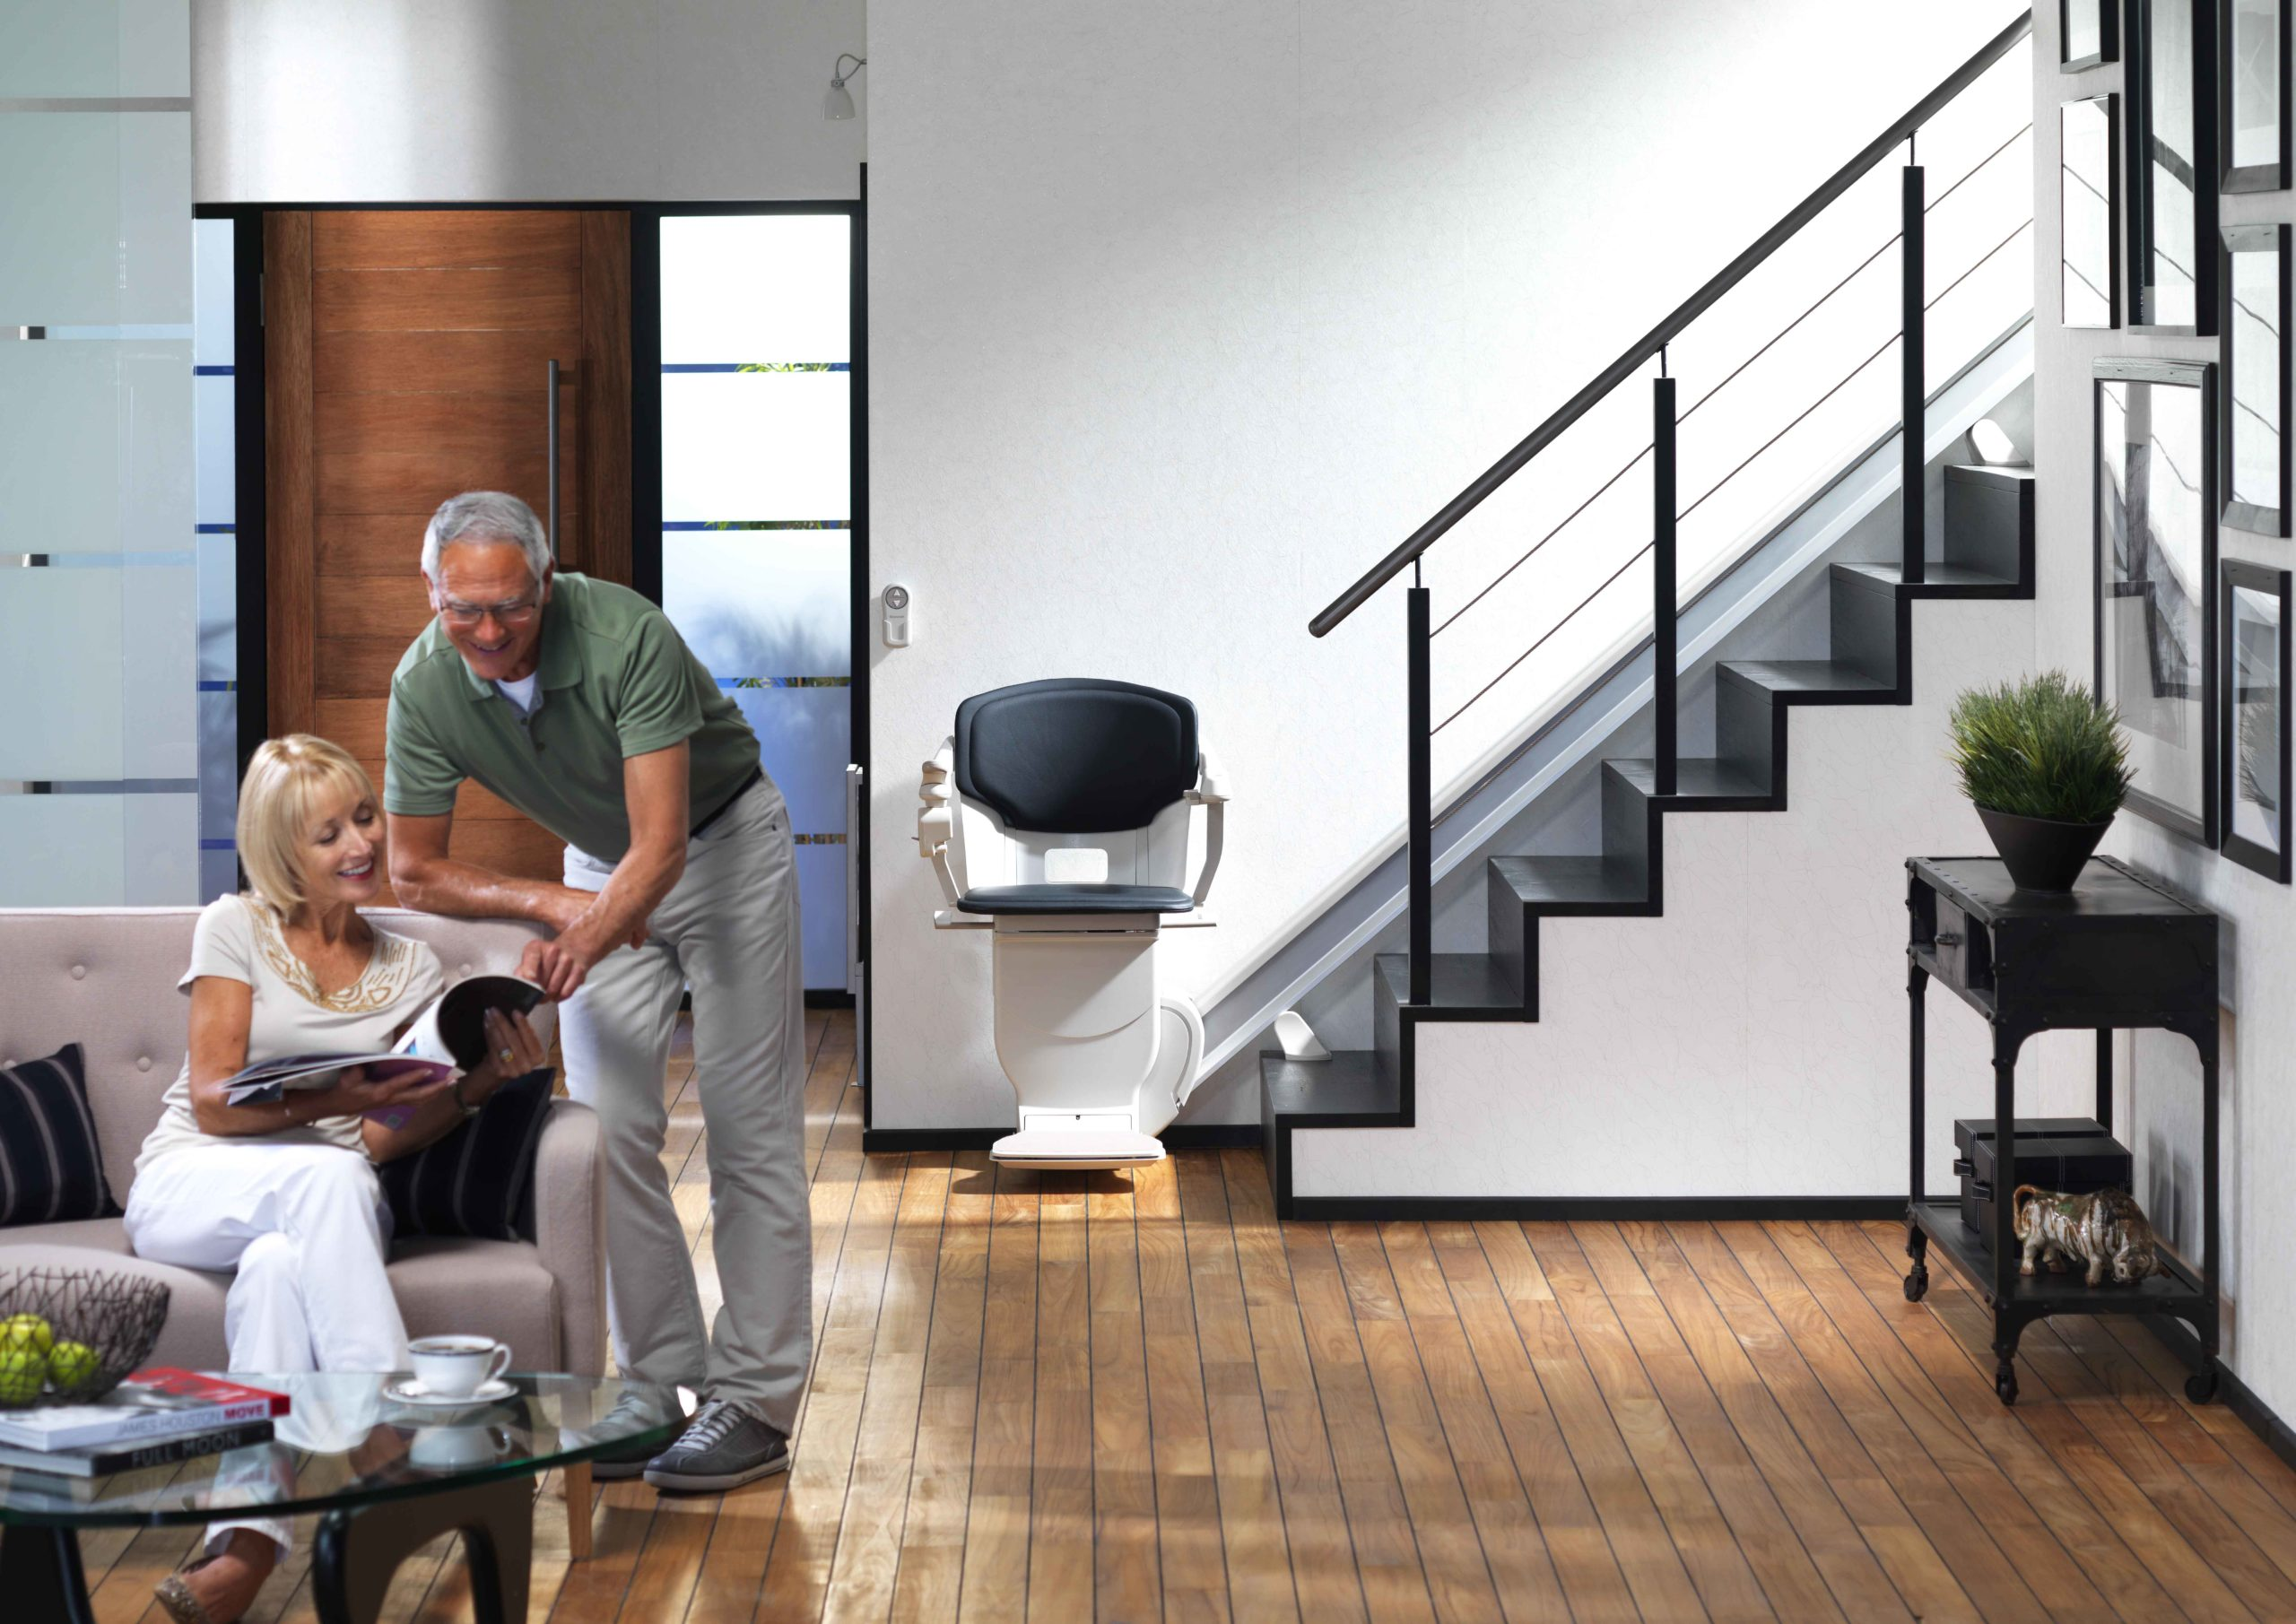 Personnes en perte de mobilité : comment se simplifier la vie à domicile ?